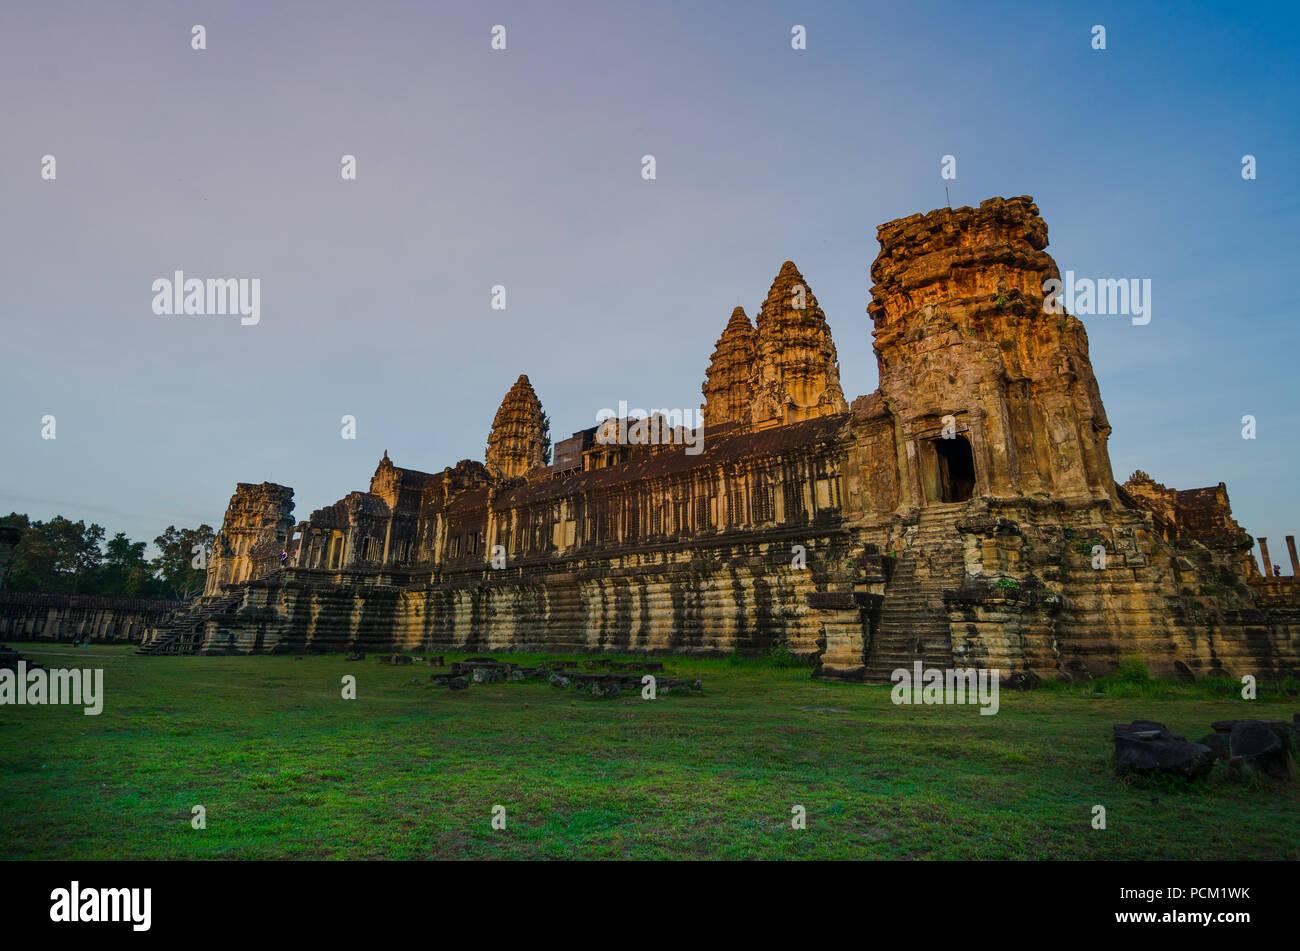 Angkor Wat Tempel, von der westlichen Gesicht, bei Sonnenaufgang. Siem Reap, Kambodscha. Stockbild